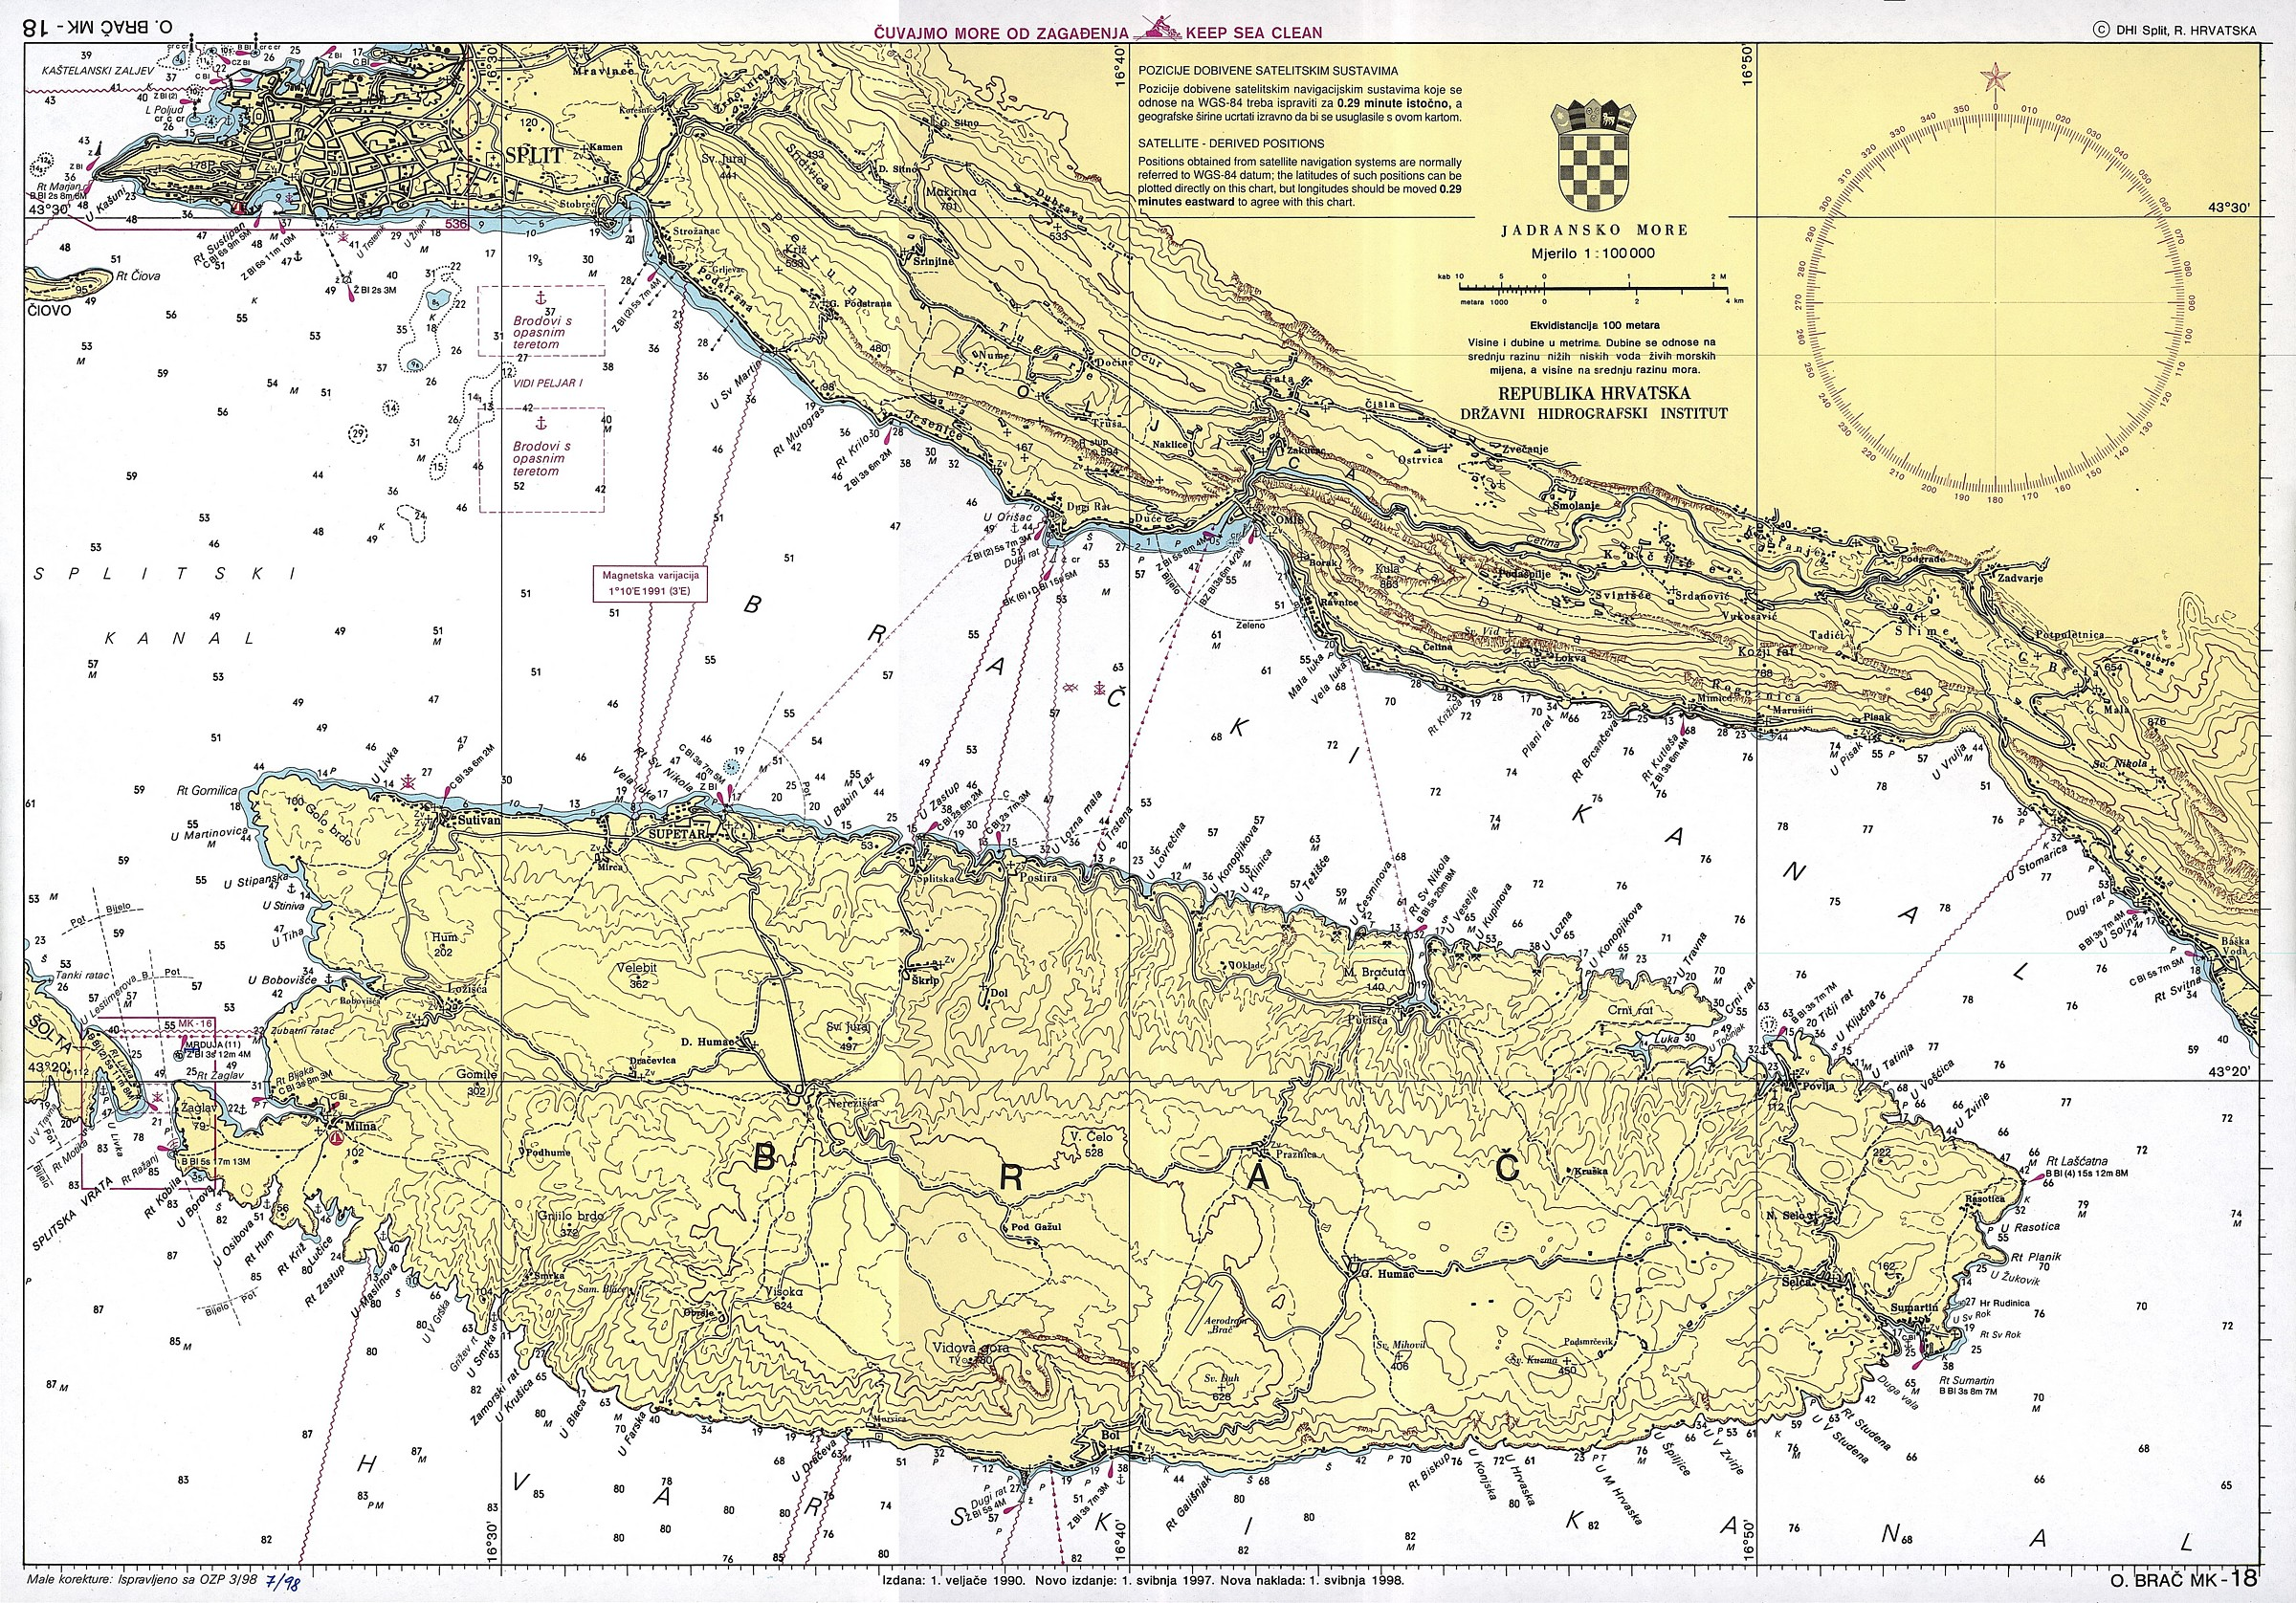 Cartes maritimes en Croatie   Vakance charter